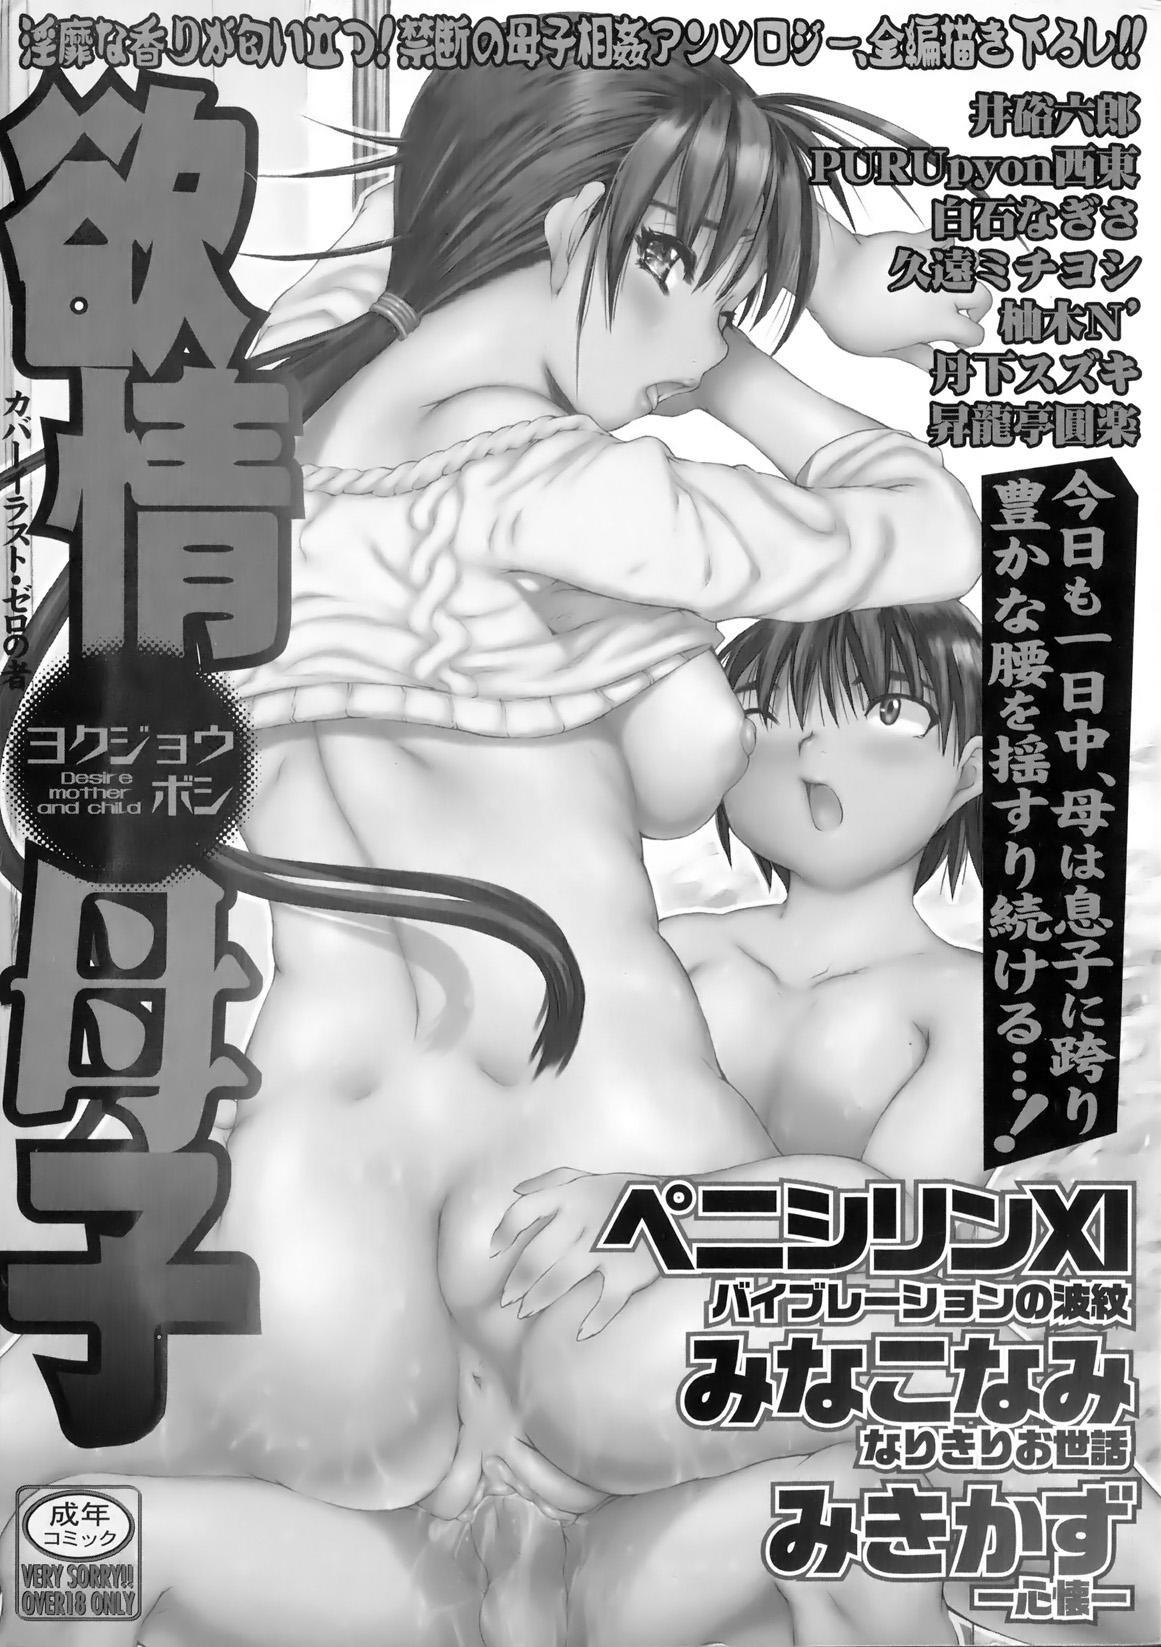 Yokujou Boshi - Desire Mother and Child 164